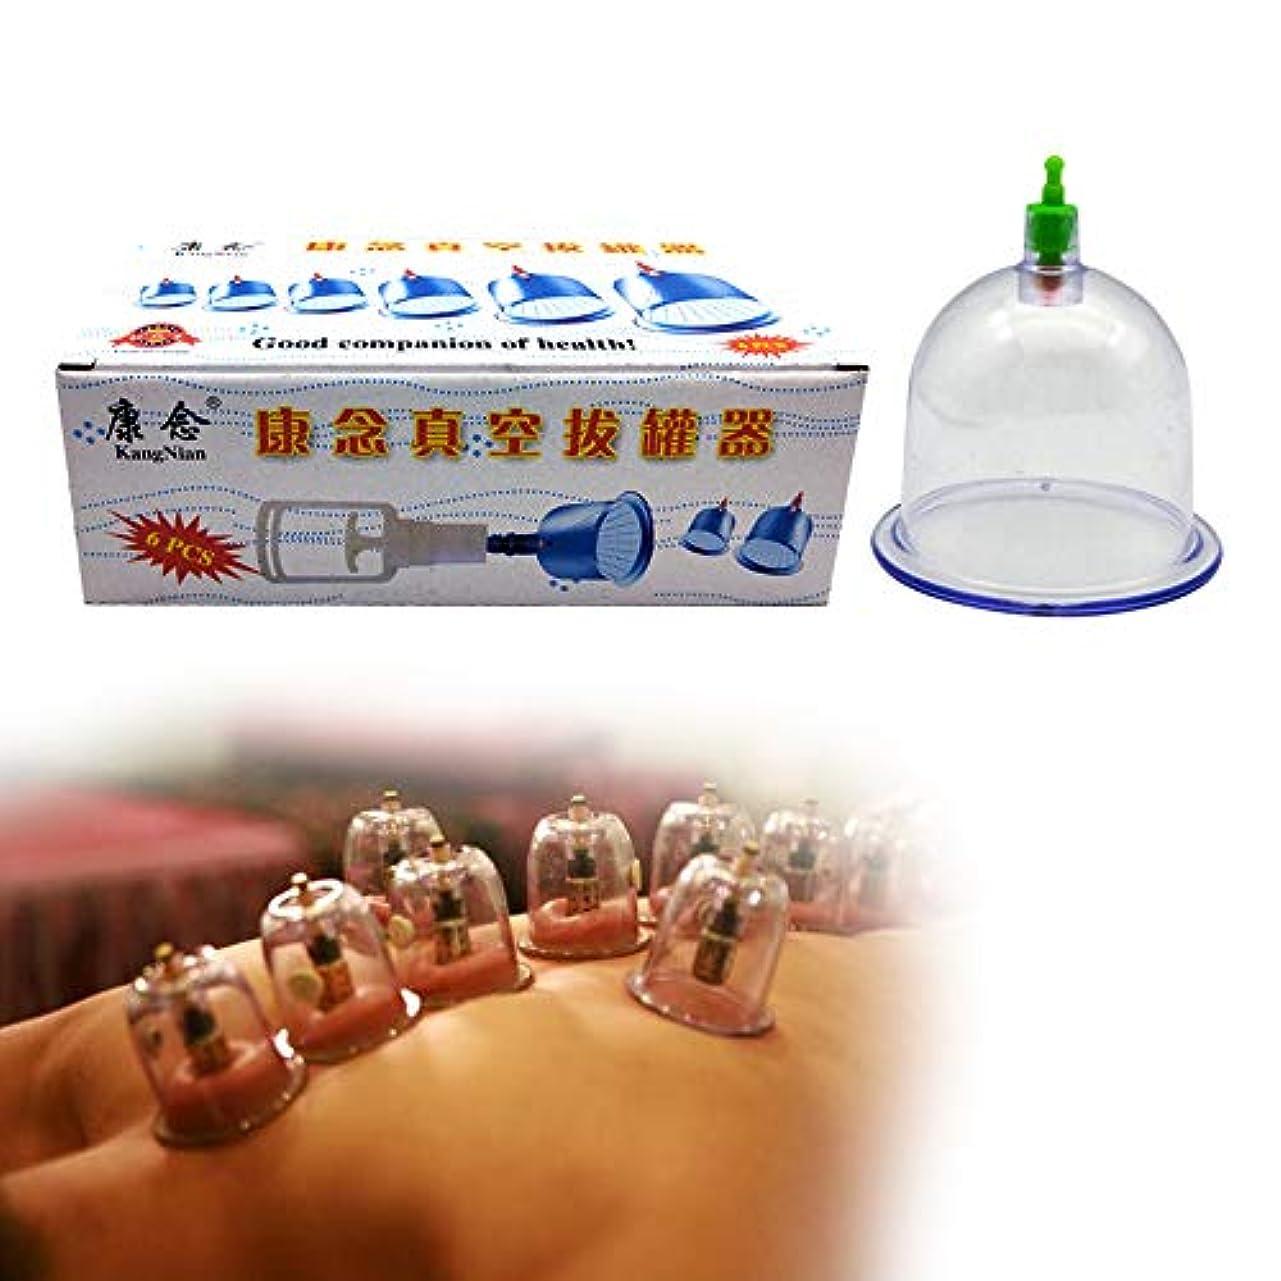 正義目覚める歯科の真空カッピングセット6マッサージ缶吸引カップセット理学療法療法吸引ヘルスケアマッサージ